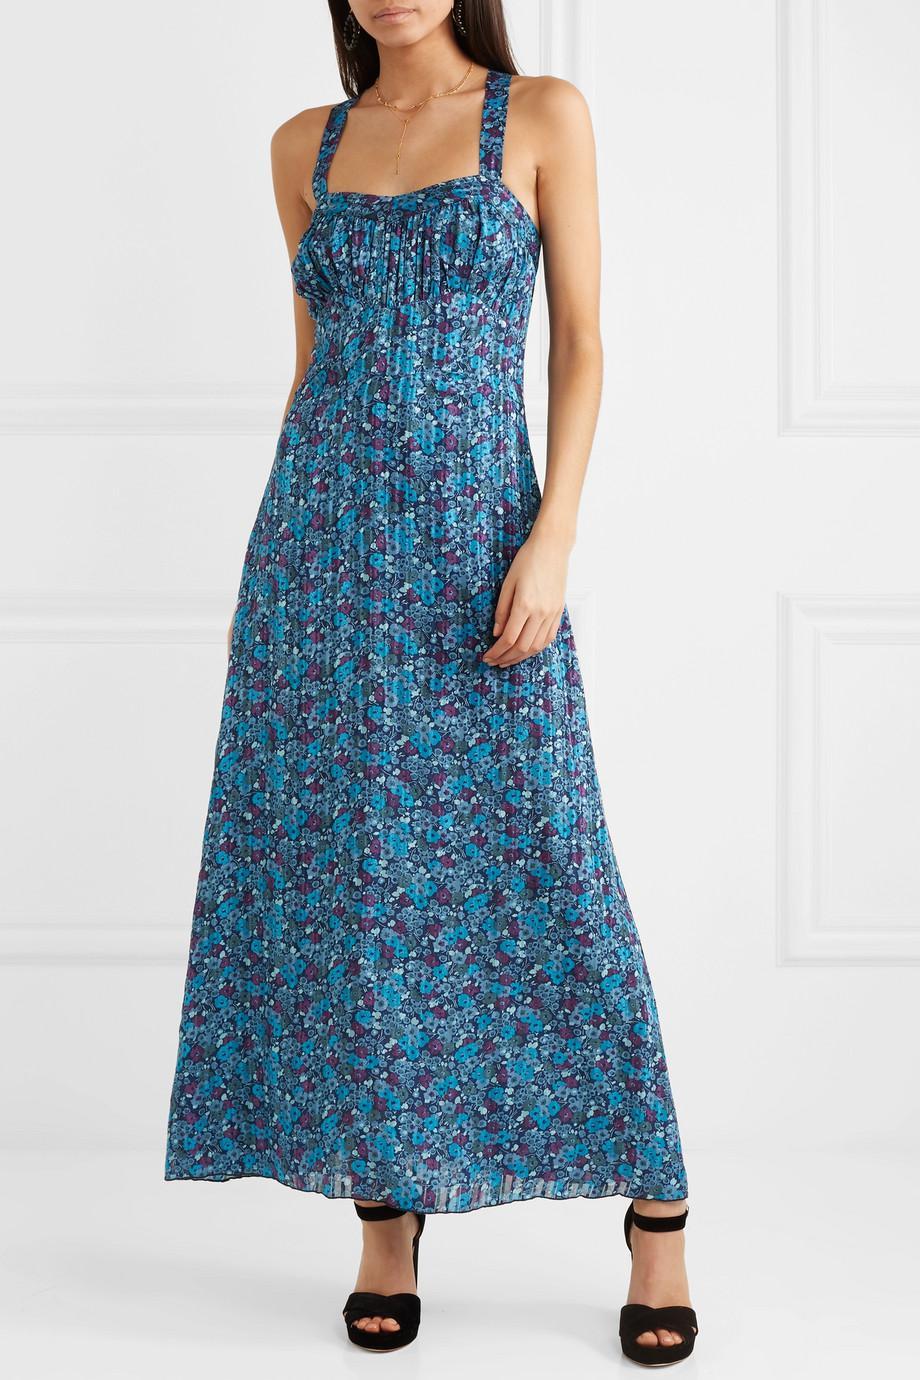 Incense and Joy camisole dress - Blue Anna Sui uNELNK